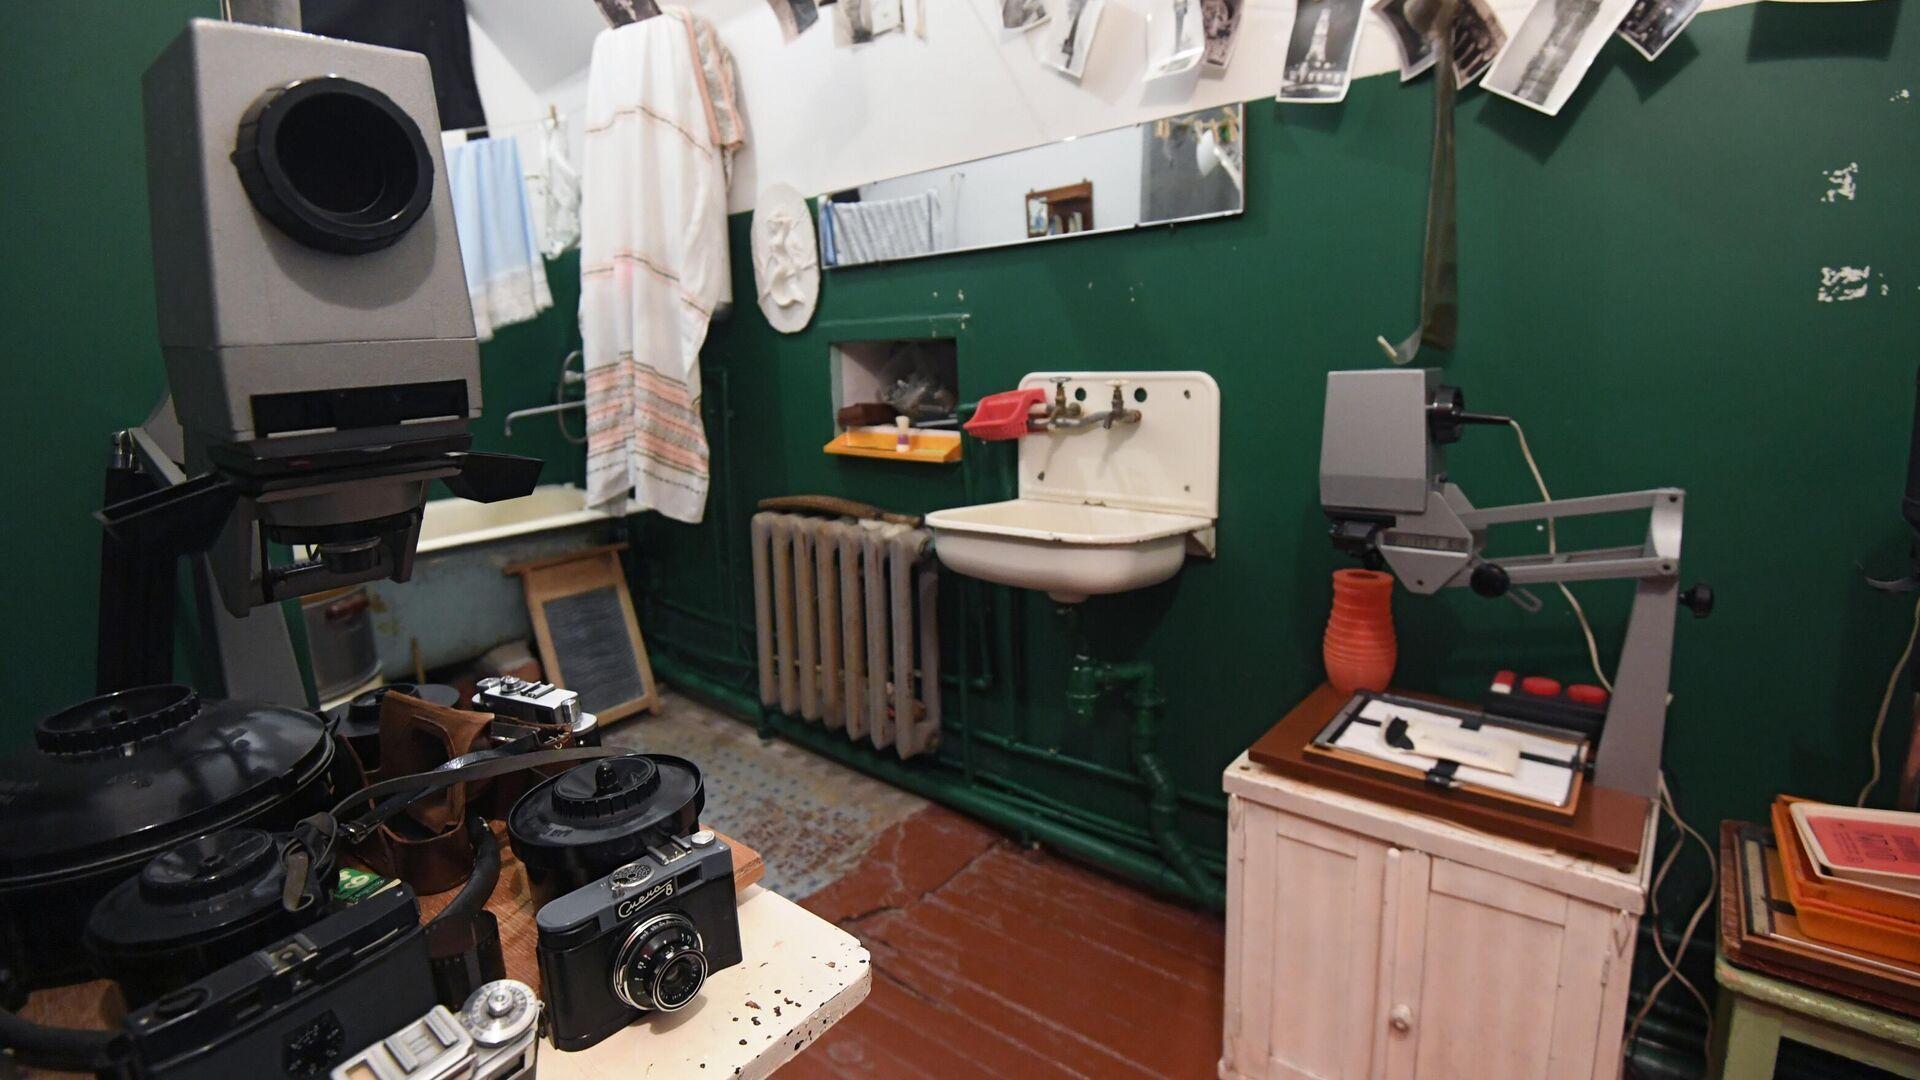 Ванная комната в музее Арткоммуналка. Ерофеев и Другие в Коломне - РИА Новости, 1920, 29.03.2021